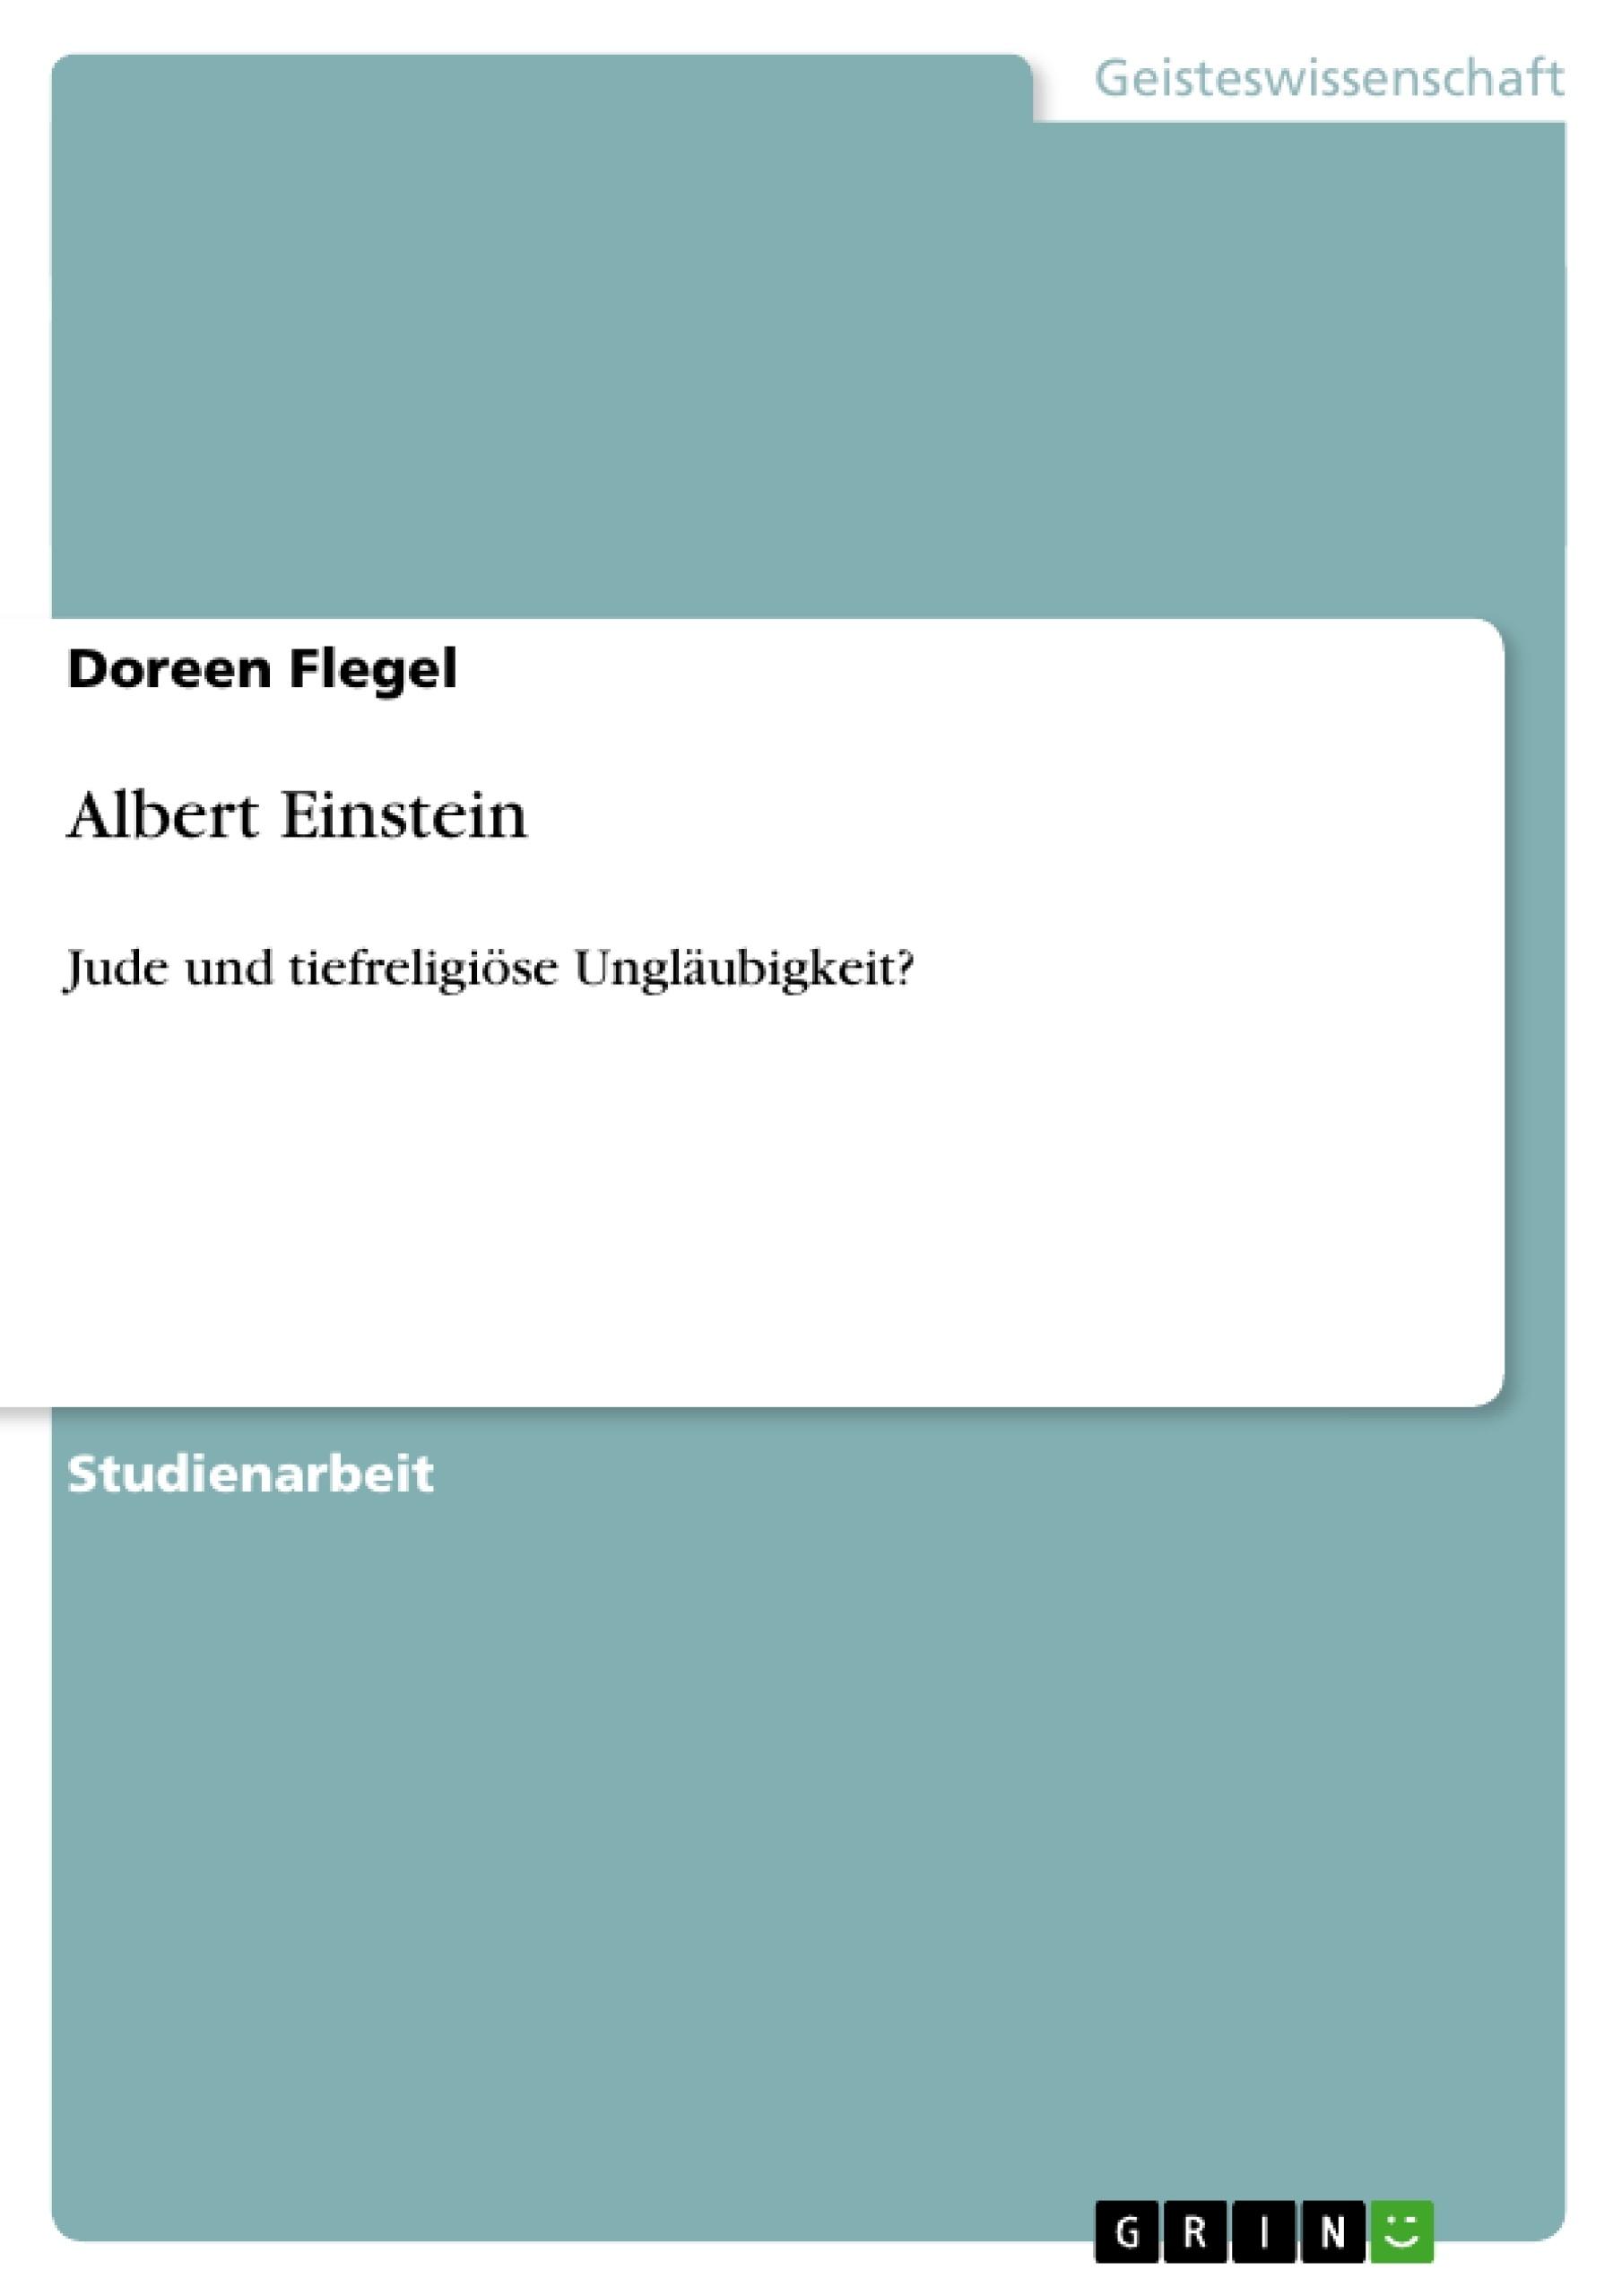 Titel: Albert Einstein